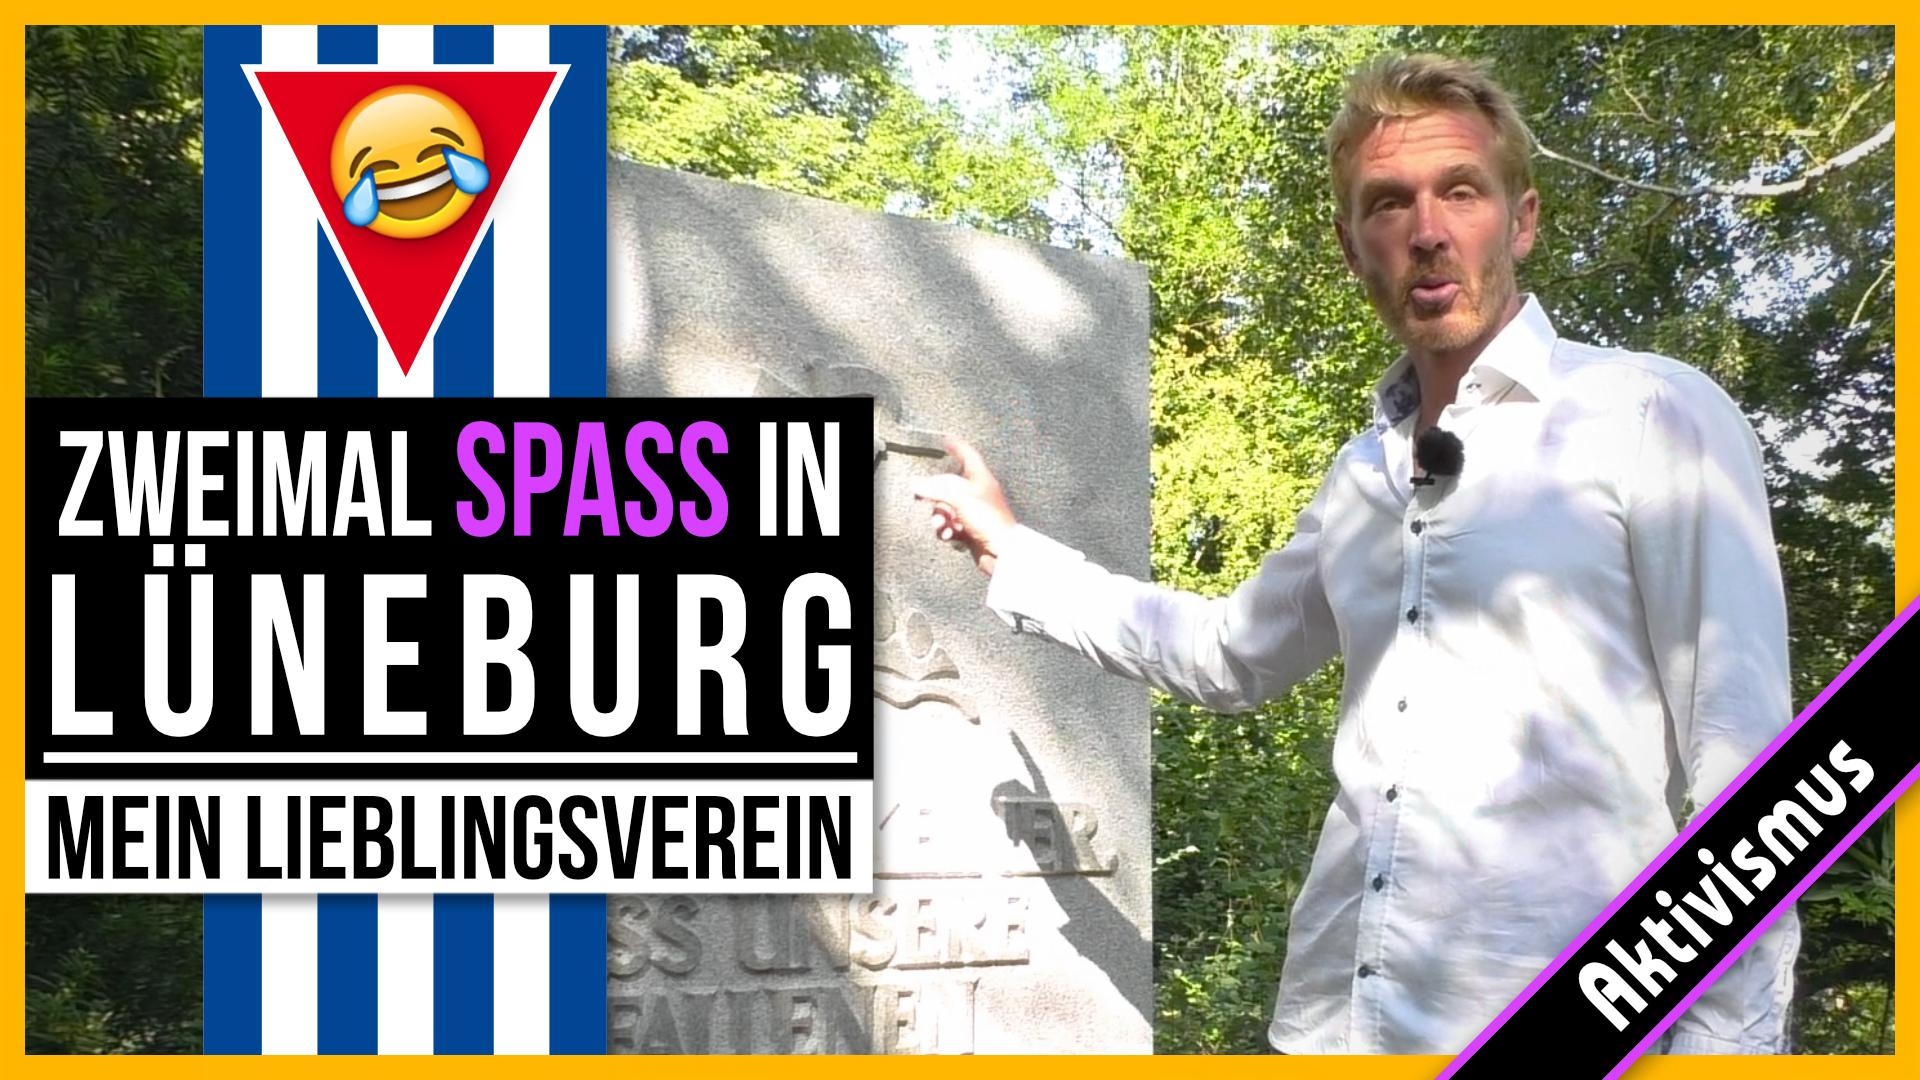 0371 - Zweimal Spass in Lueneburg – Thumbnail2.jpg